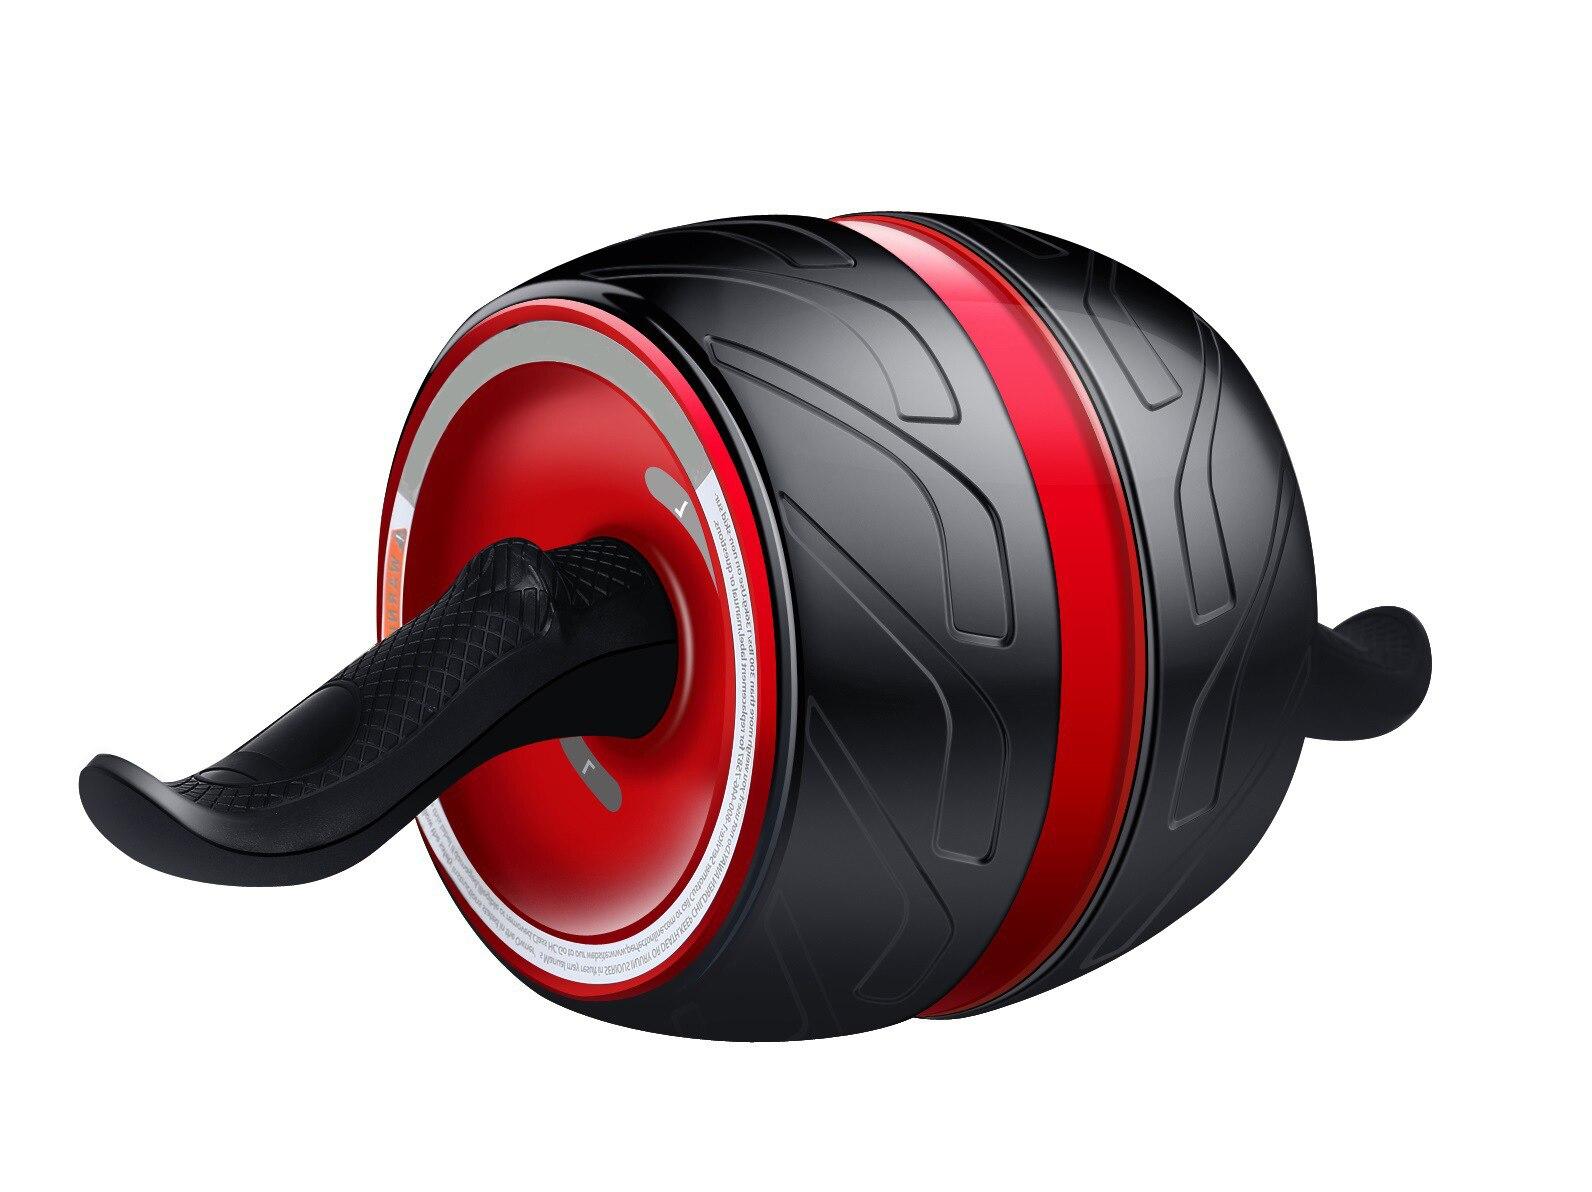 Equipo de Fitness equipo para ejercicio muscular Home Ab rodillos de una rueda Abdominal Power Wheel gimnasio rodillo Abs entrenamiento - 6